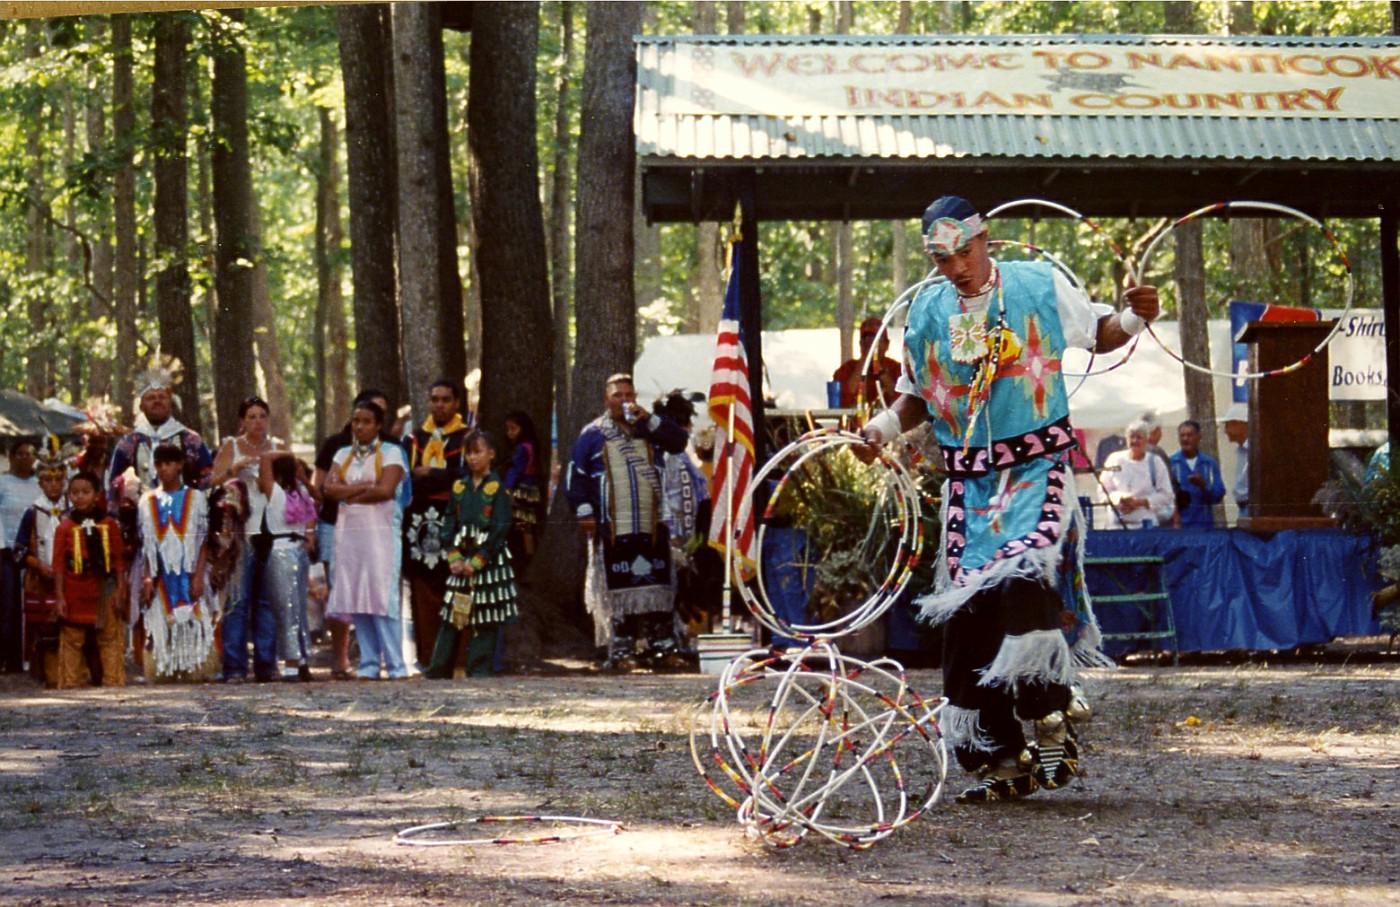 hoop dance File0816c